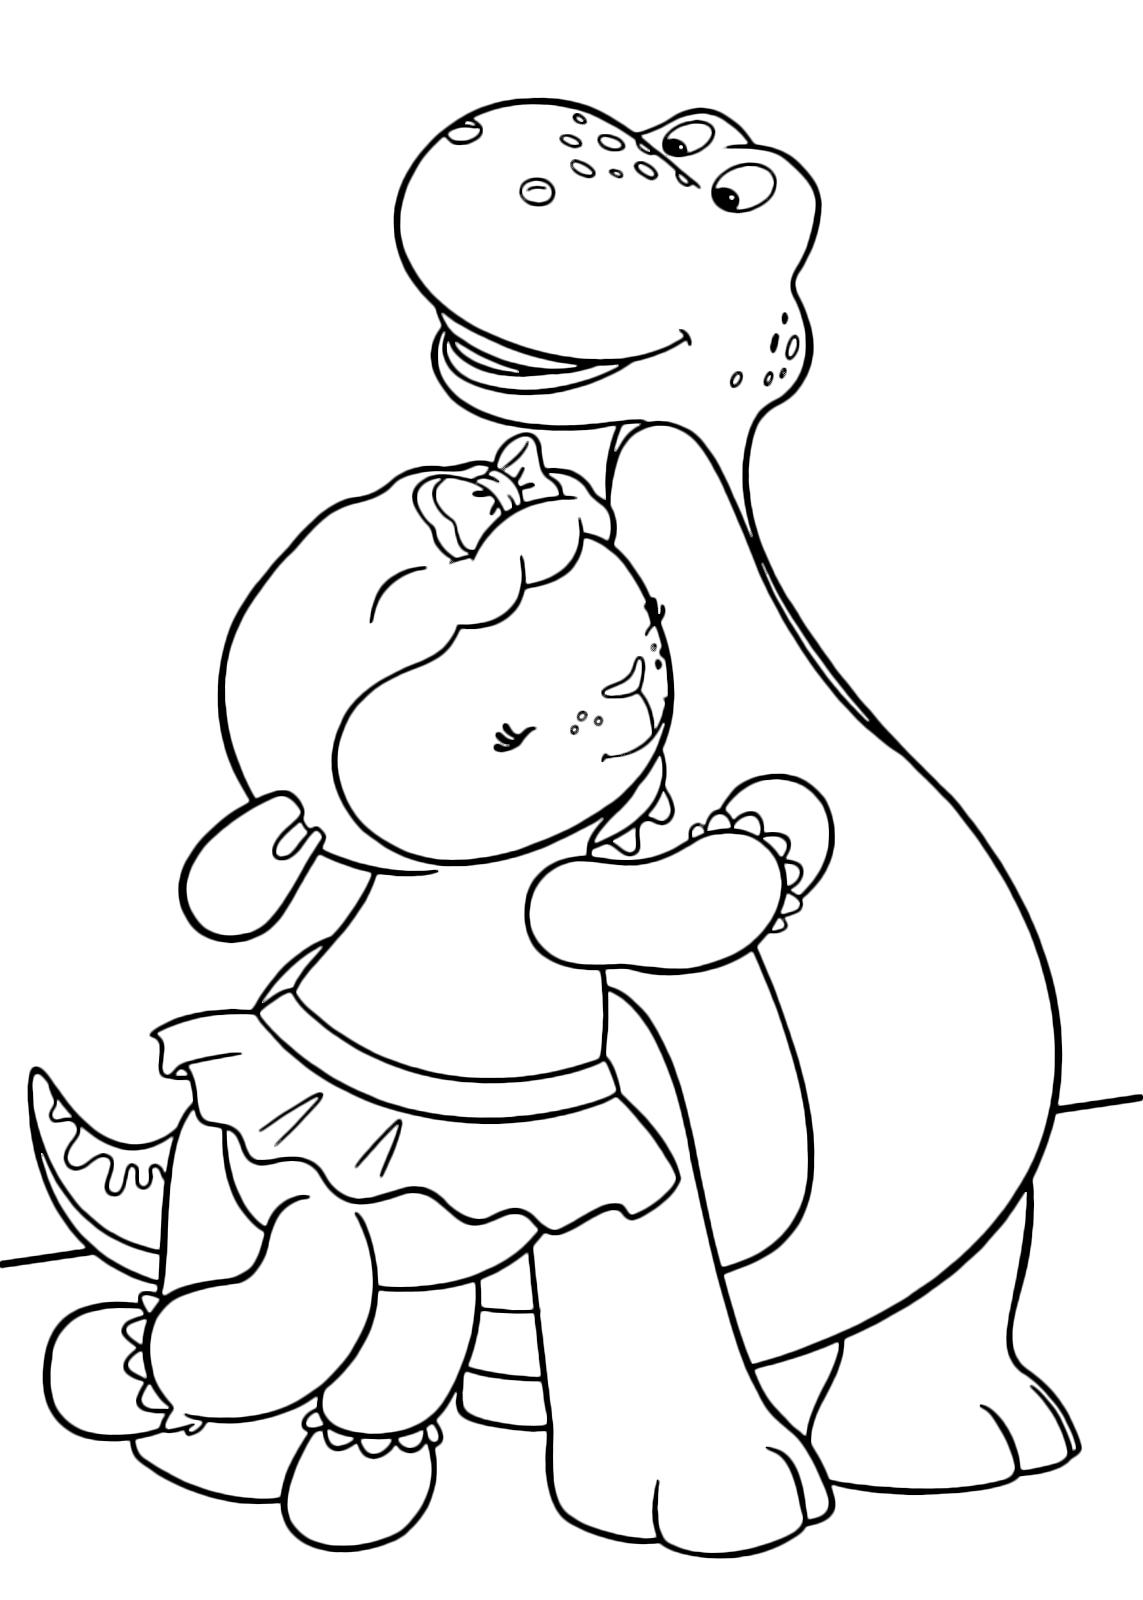 Dottoressa Peluche La Pecorella Bianchina Abbraccia Il Suo Amico